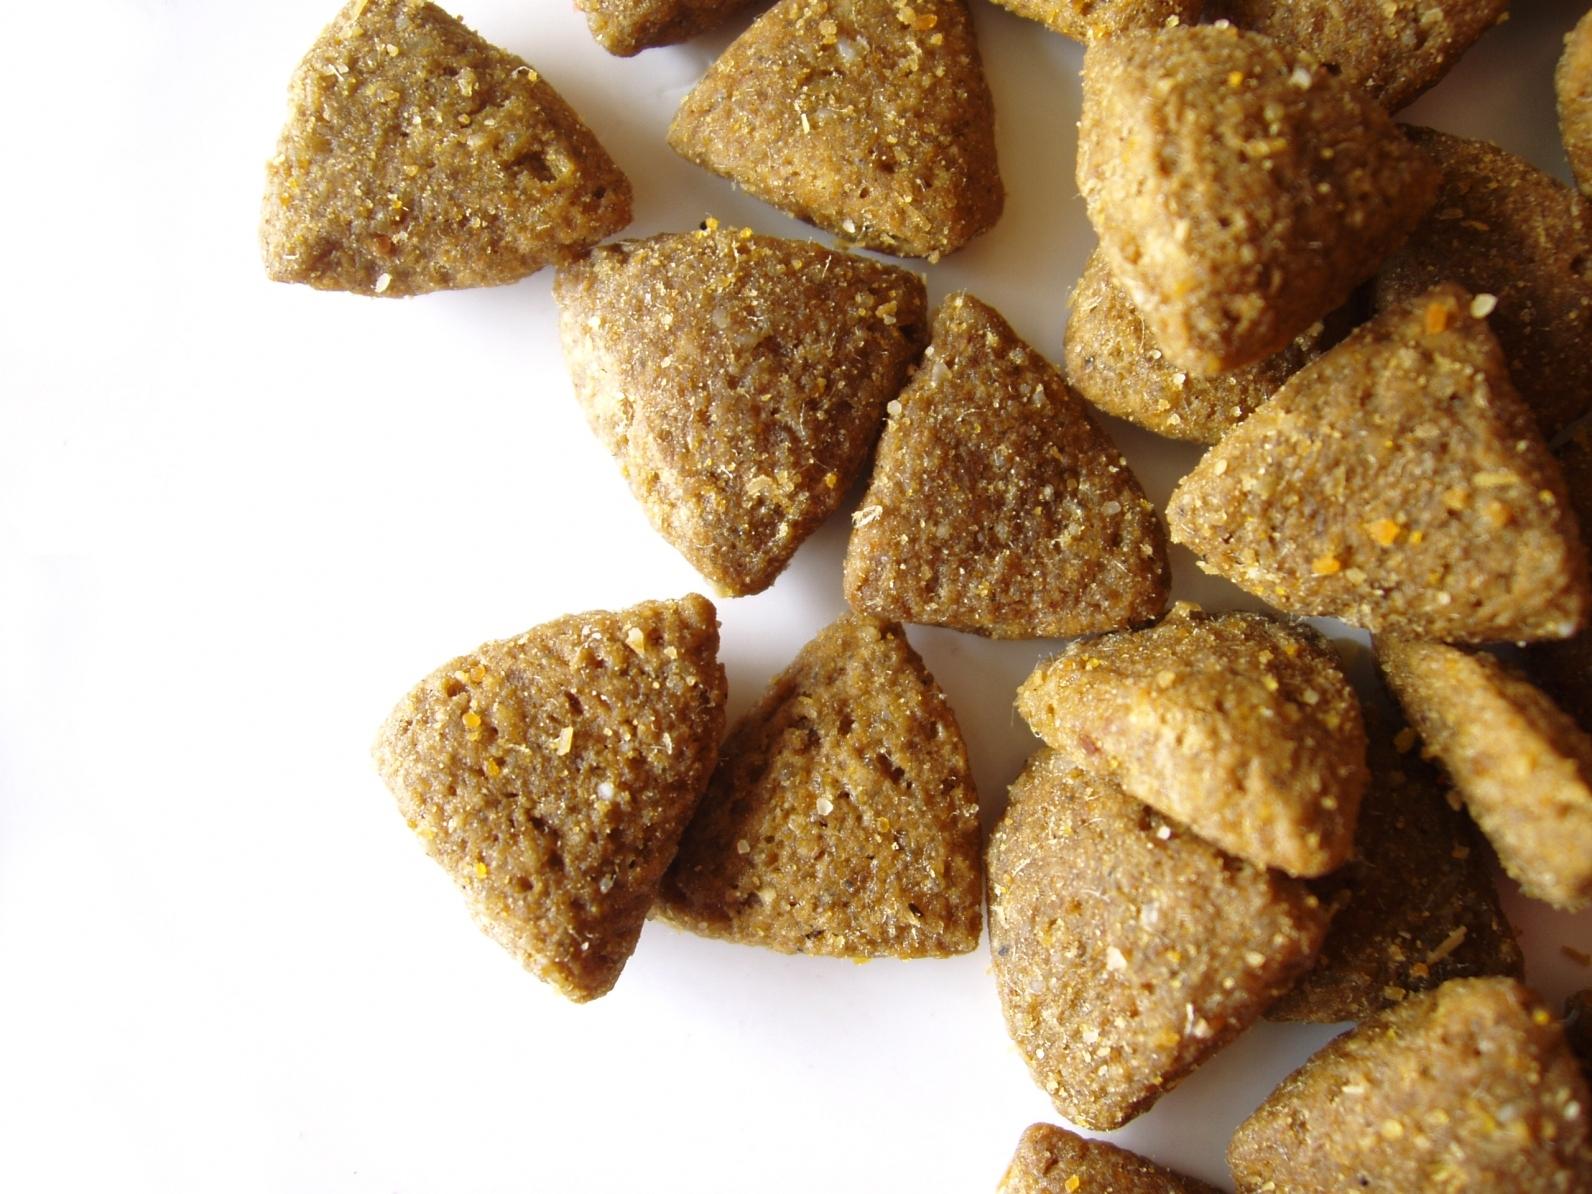 Lire la suite: Que sont les cendres dans les aliments pour animaux ?